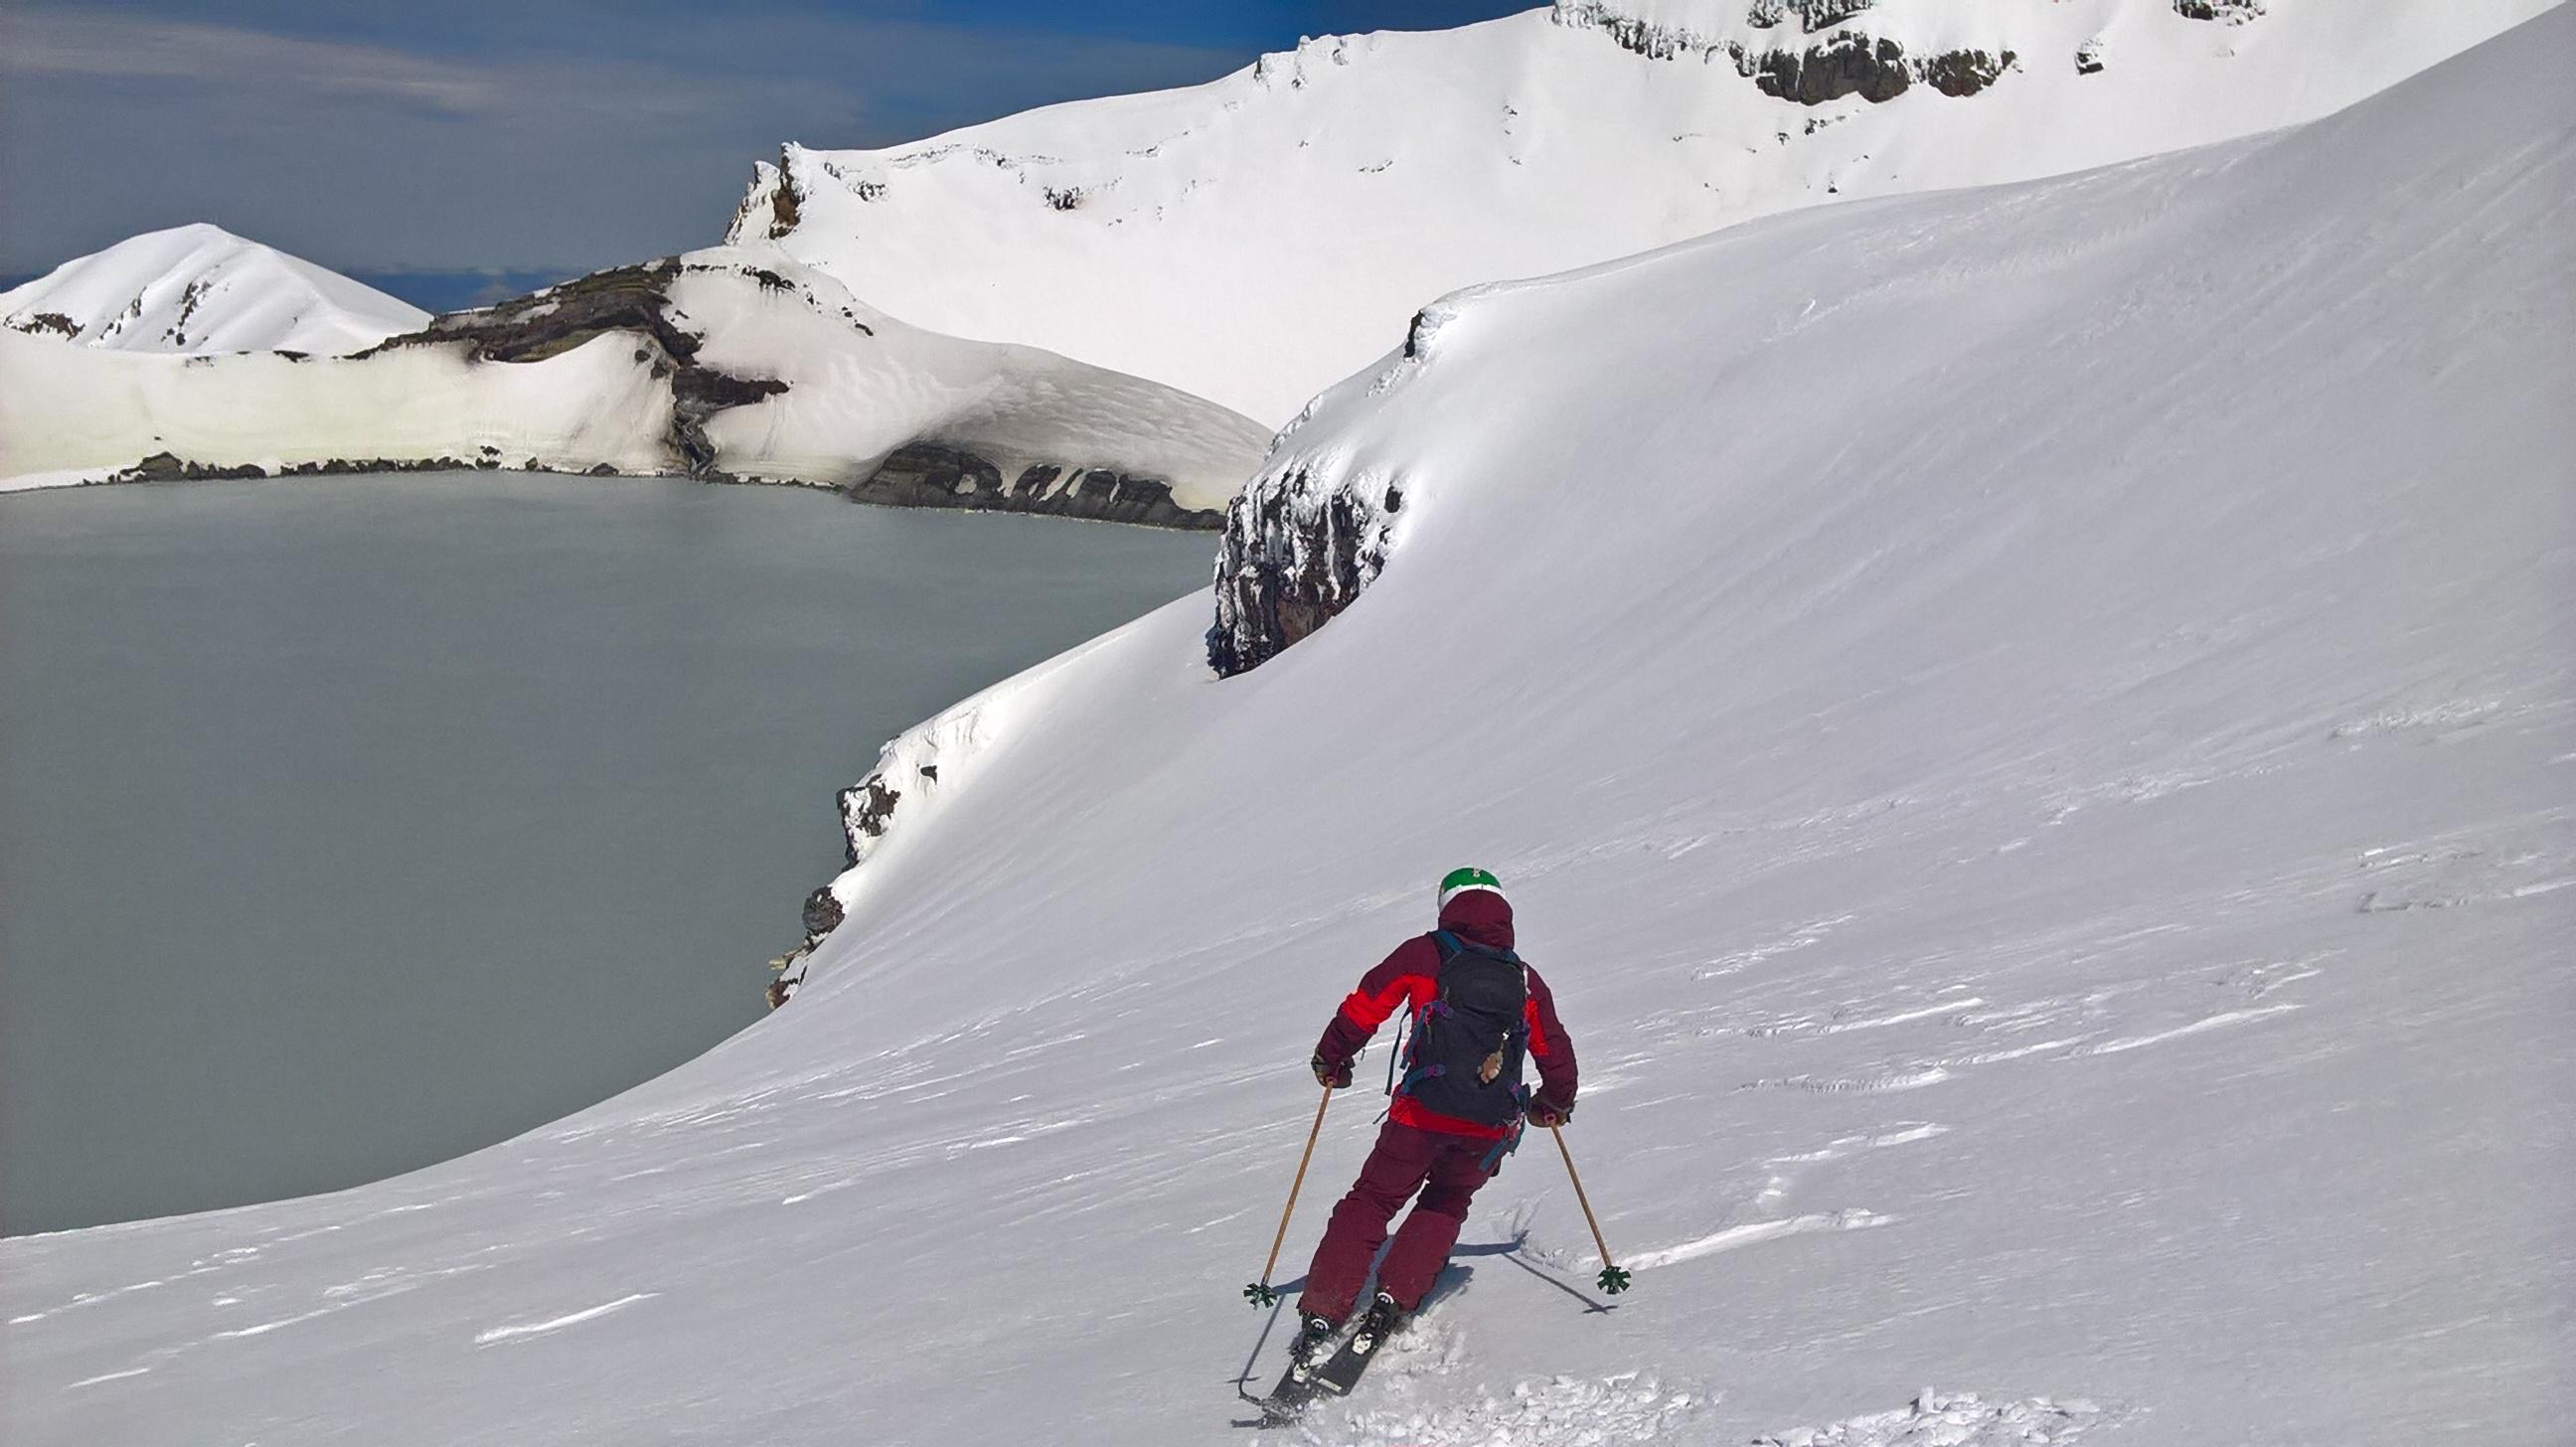 Crater ski